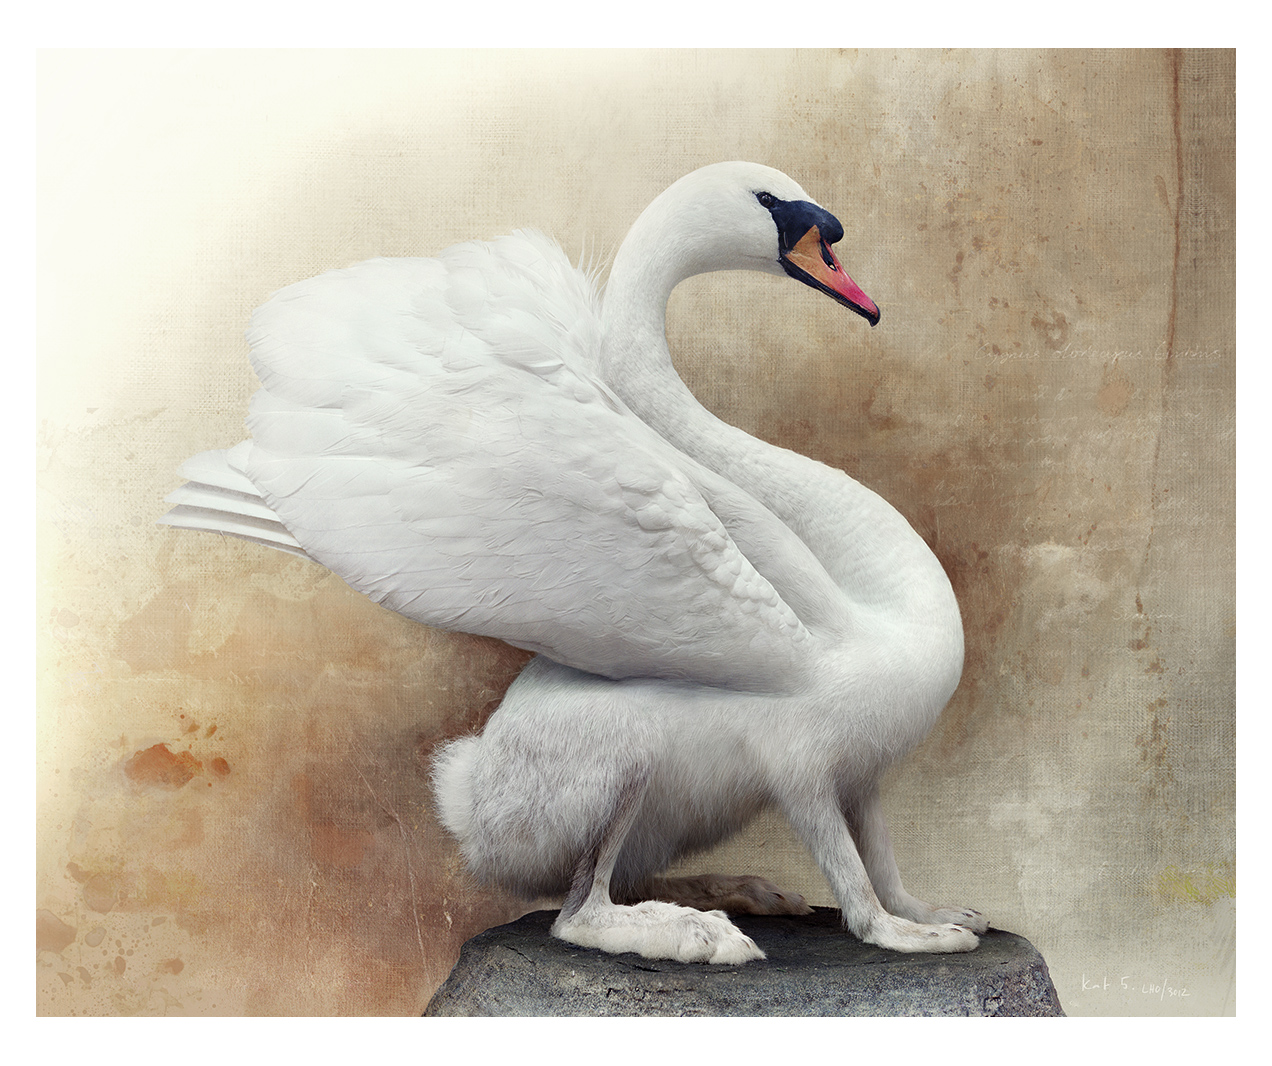 Mute swanhare